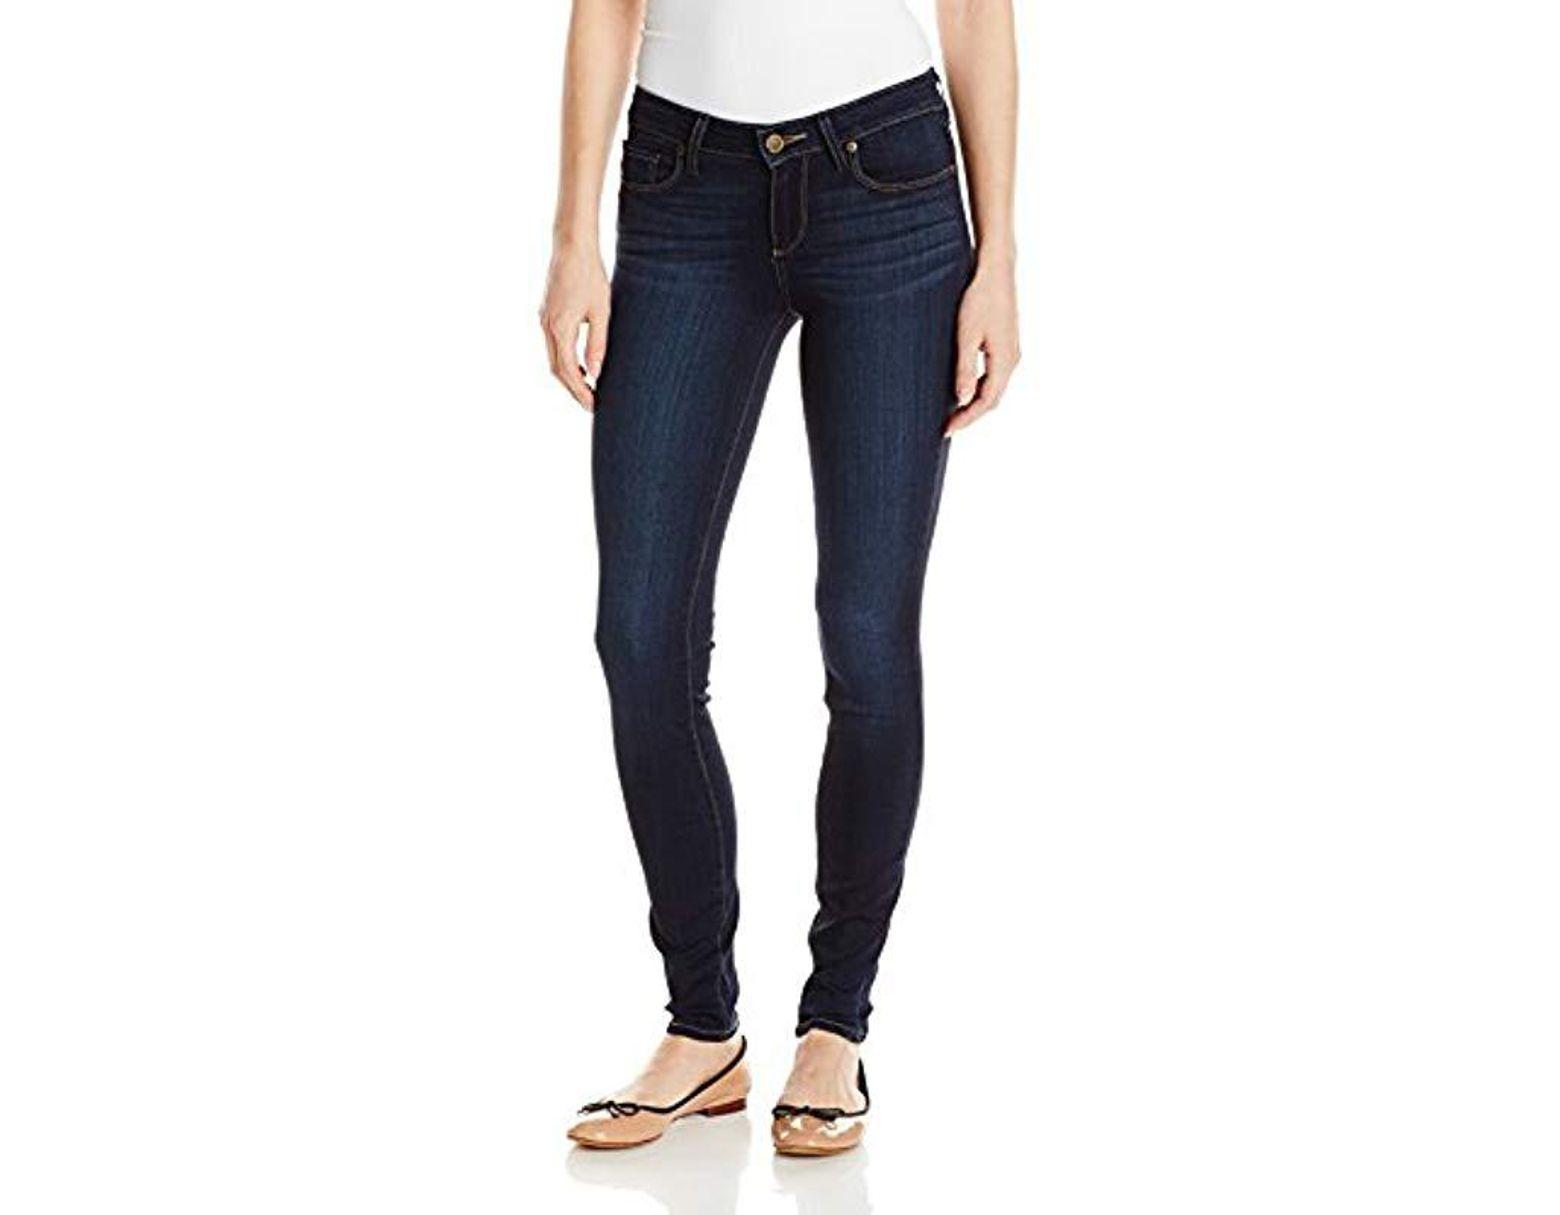 280cdc63ac59e PAIGE Verdugo Ultra Skinny Jeans-hartmann in Blue - Lyst